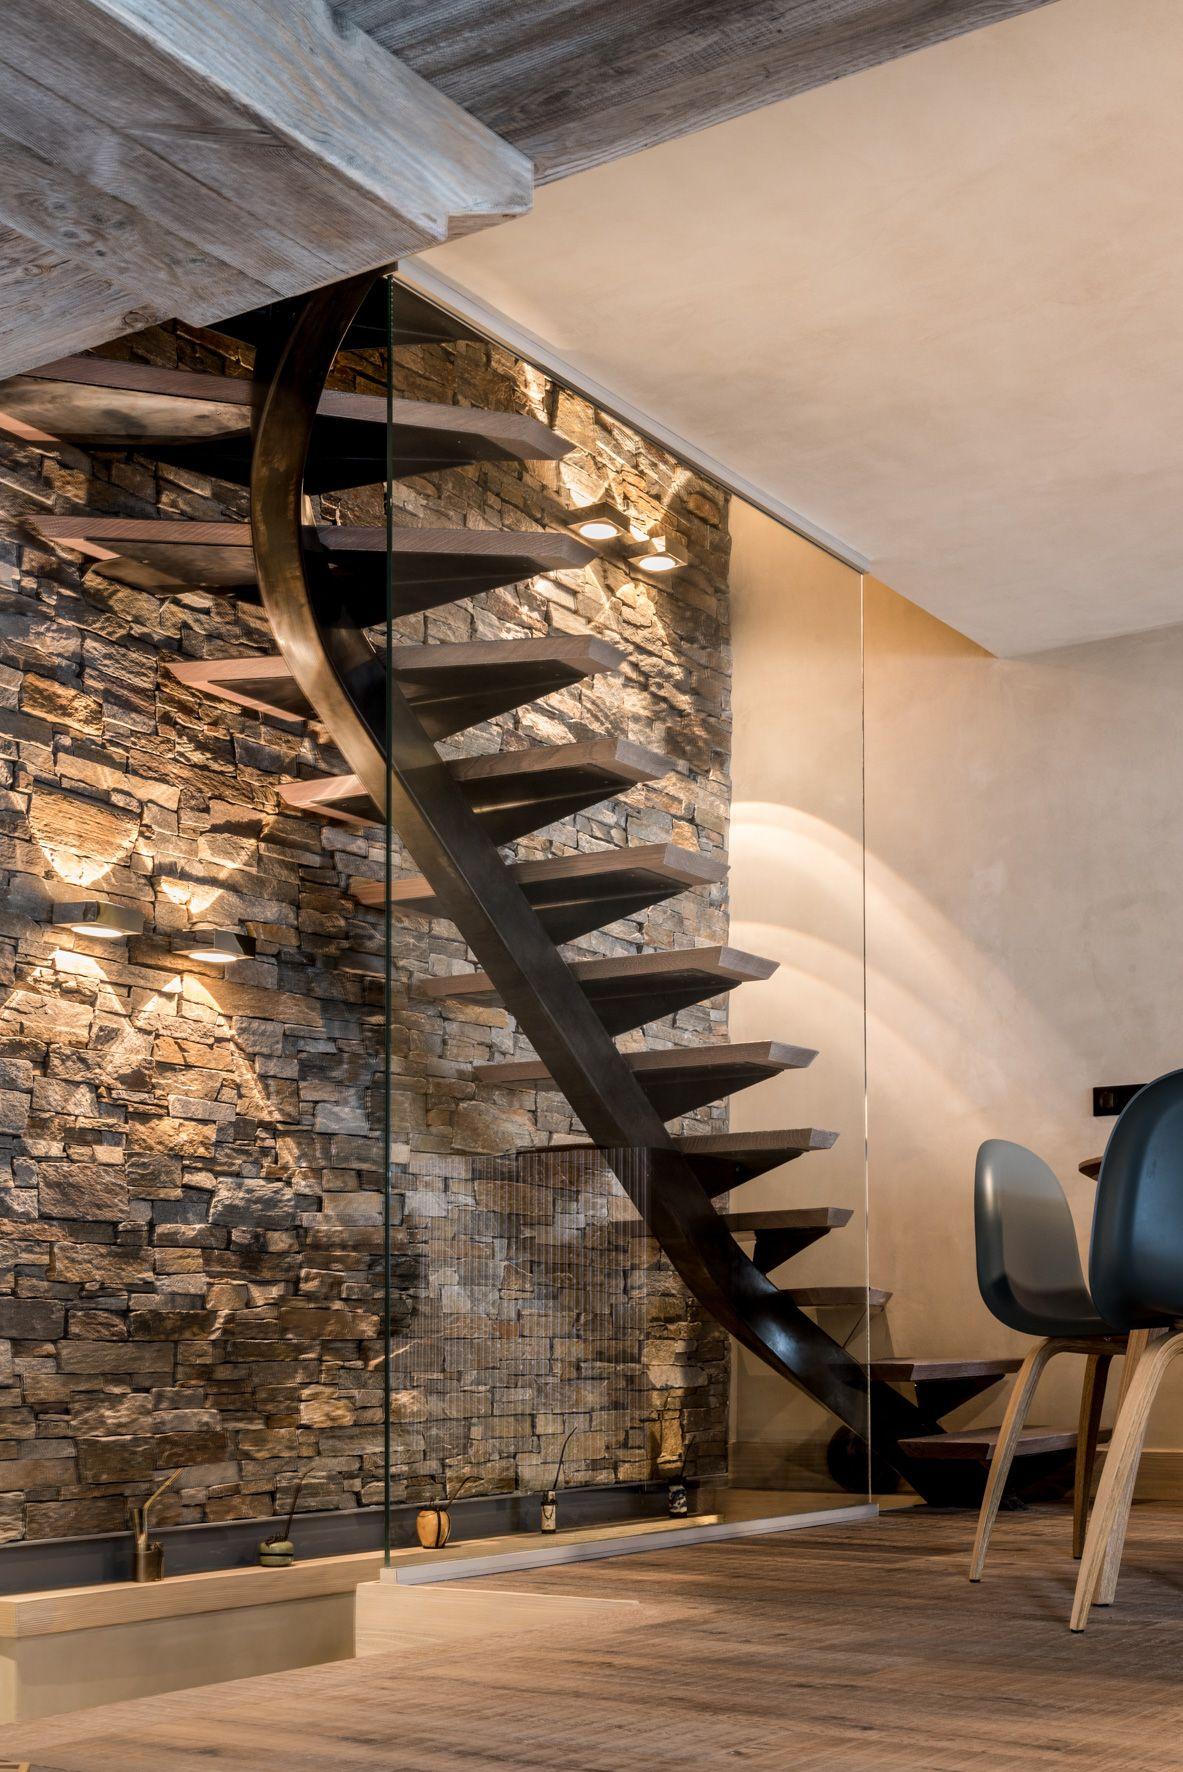 Escalier Sur Mesure En Metal Et Bois Elegamment Mis En Valeur Par